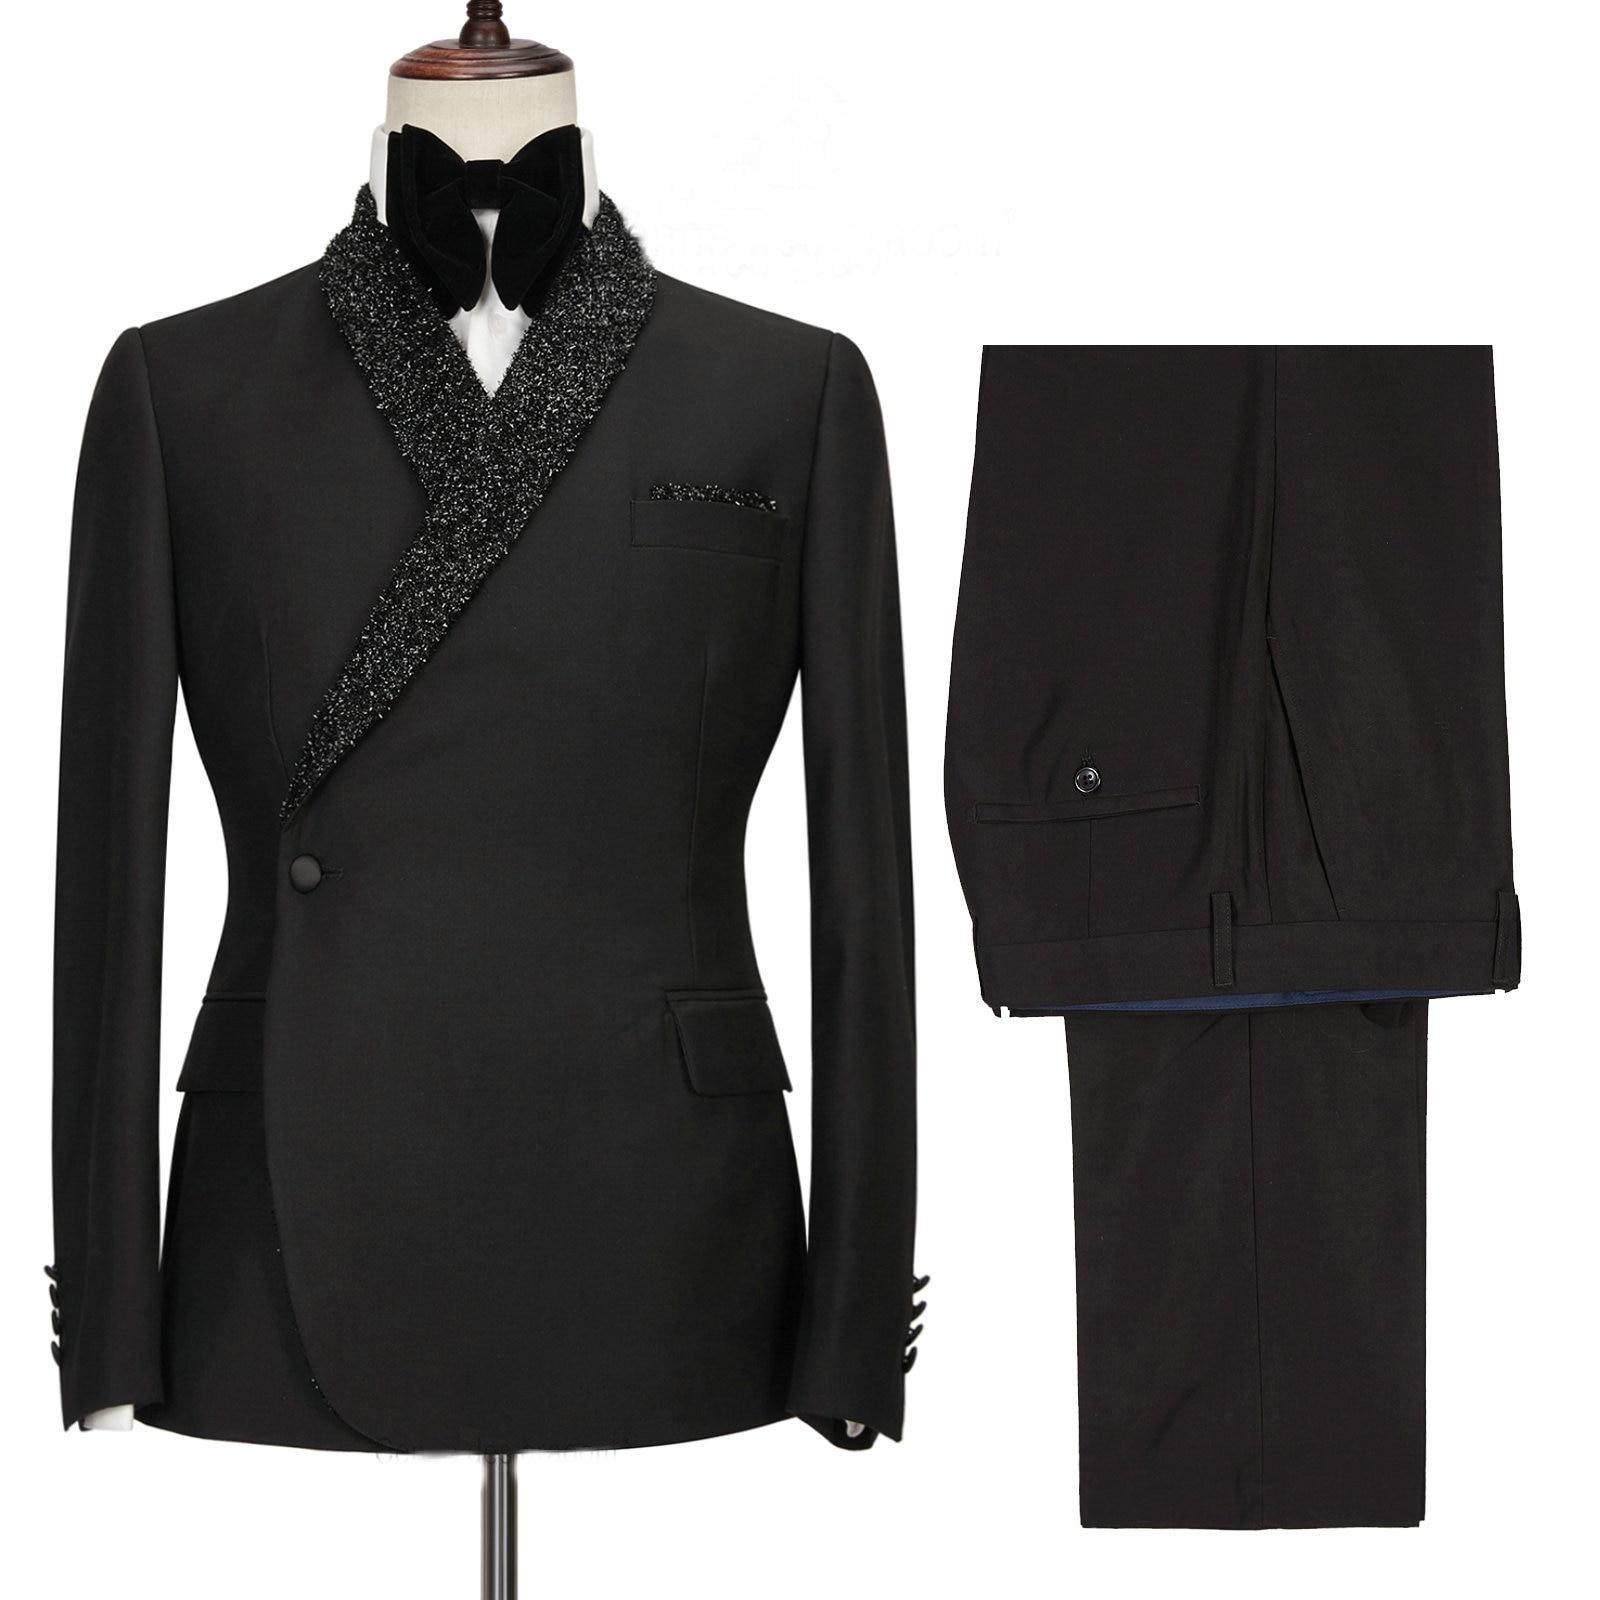 أسود بدلة رسمية الرجال مزدوجة الصدر سليم صالح 2021 جديد تصميم مخصص 2 قطعة بدلة الزفاف للرجال العريس الدعاوى سهرة